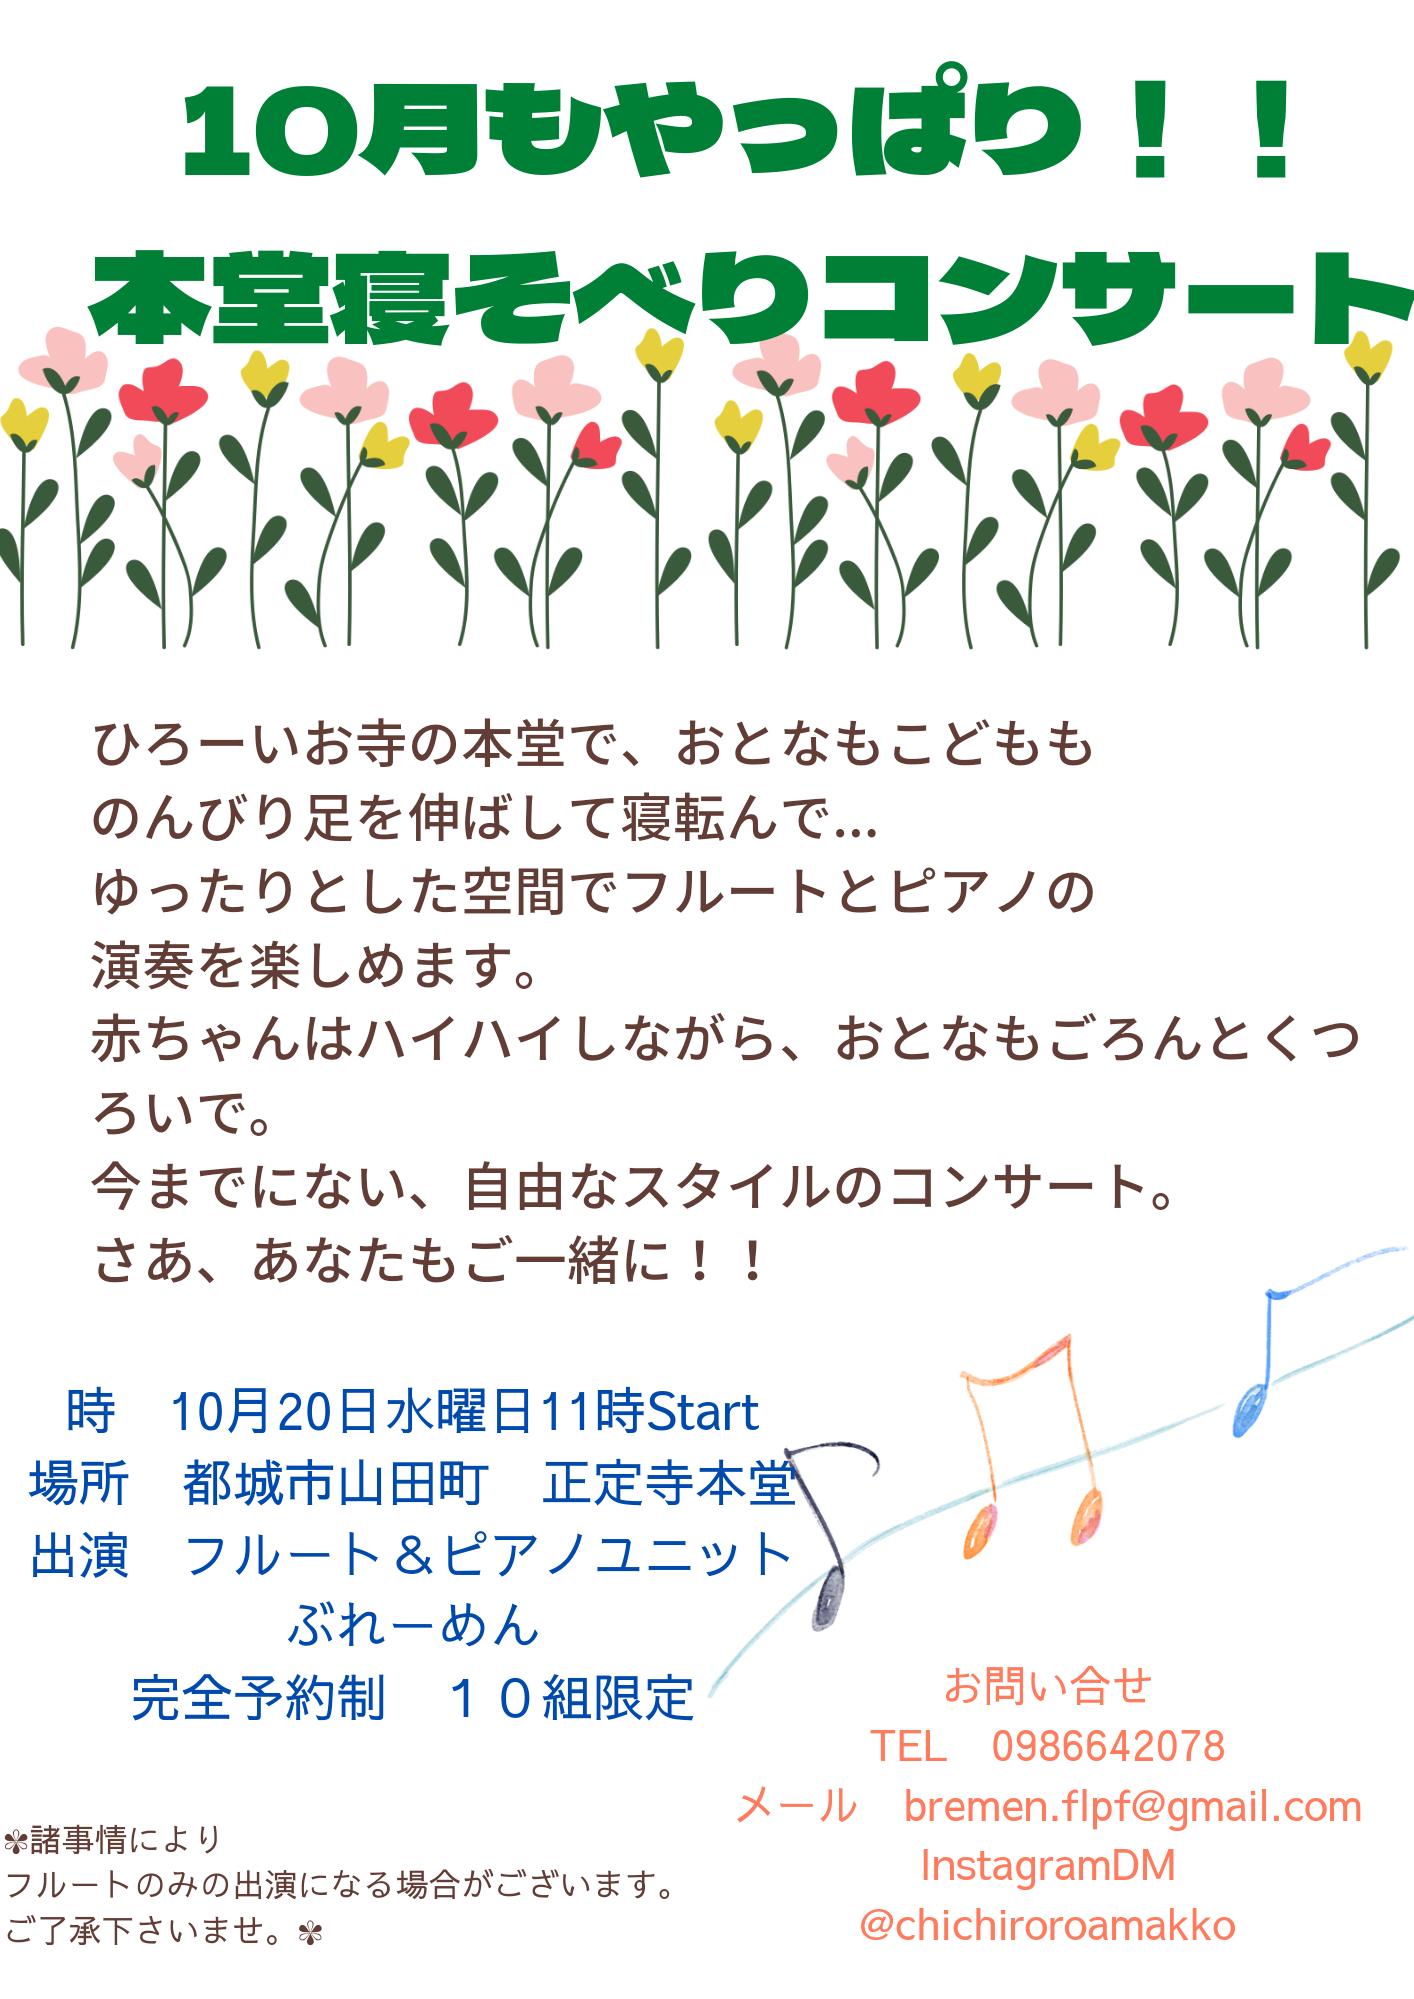 <p>本堂寝そべりコンサート〜ぶれーめんフルート&ピアノコンサート〜</p>